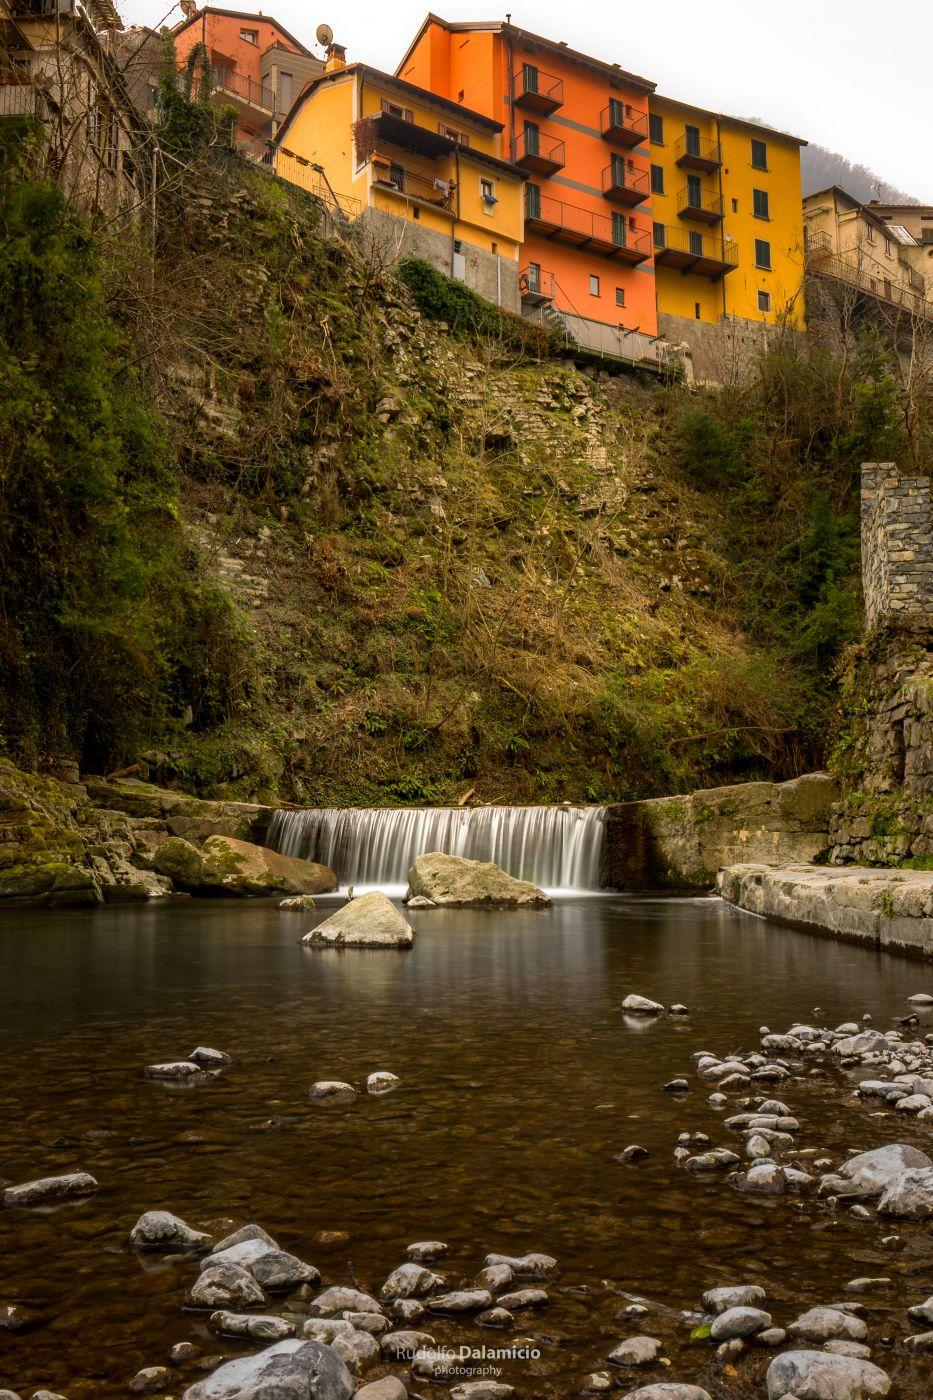 To the lago di Como, Italy